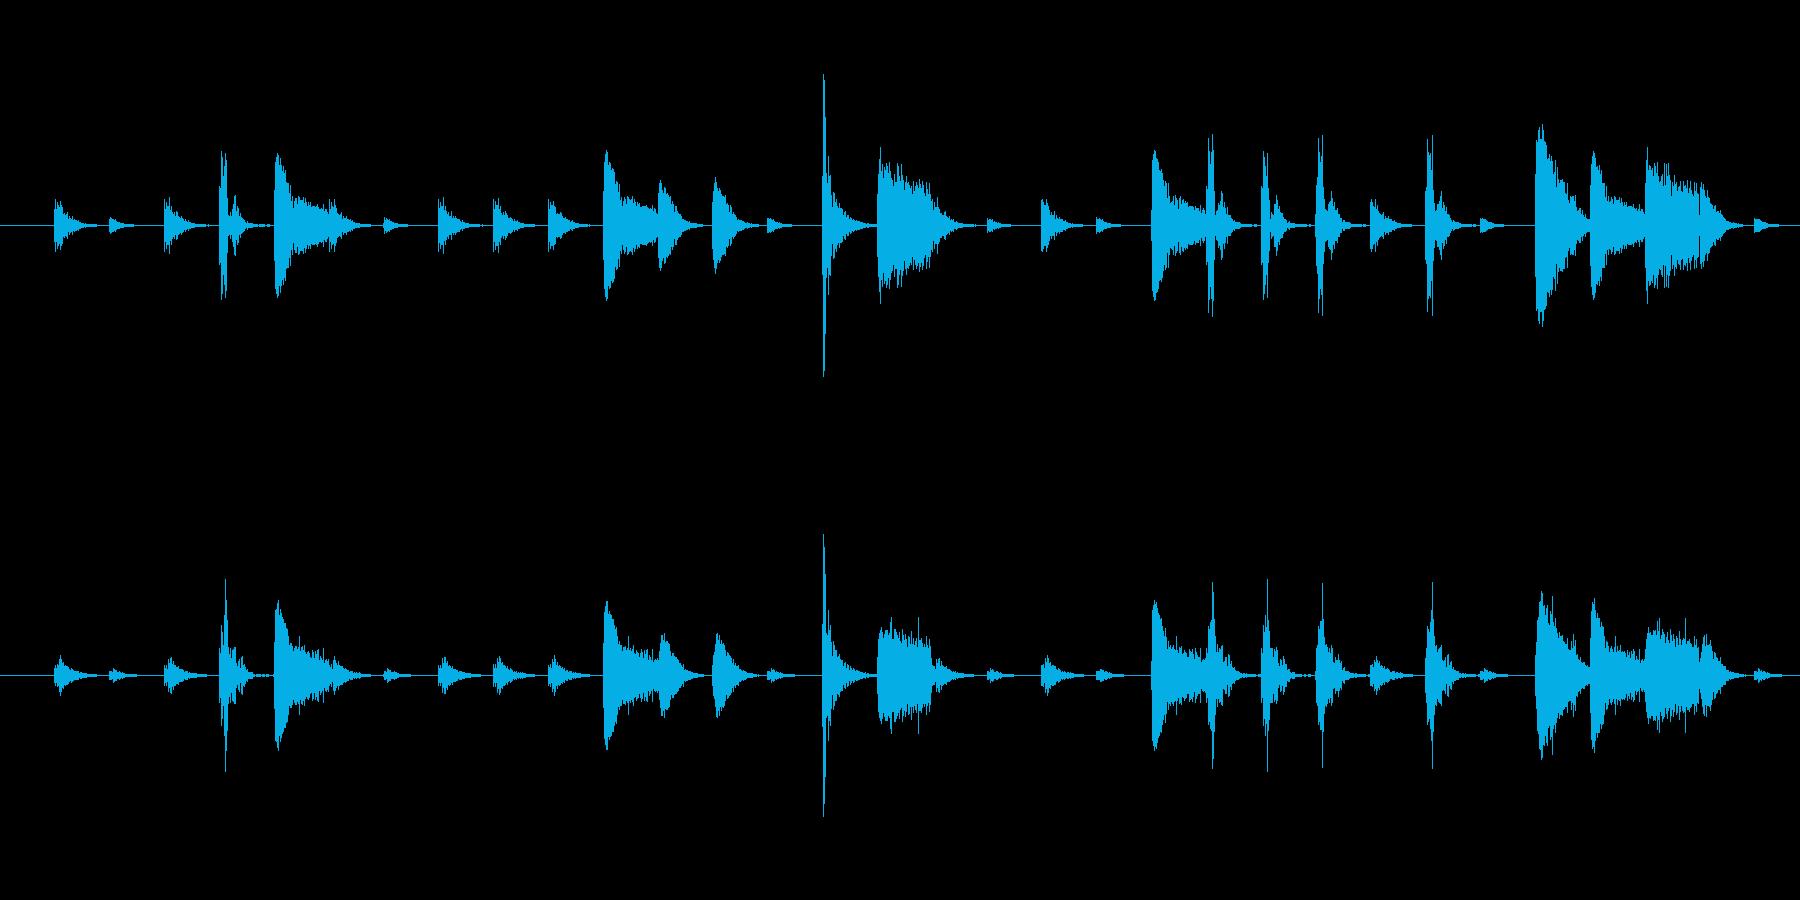 空間系リズムトラック(ドラム)の再生済みの波形